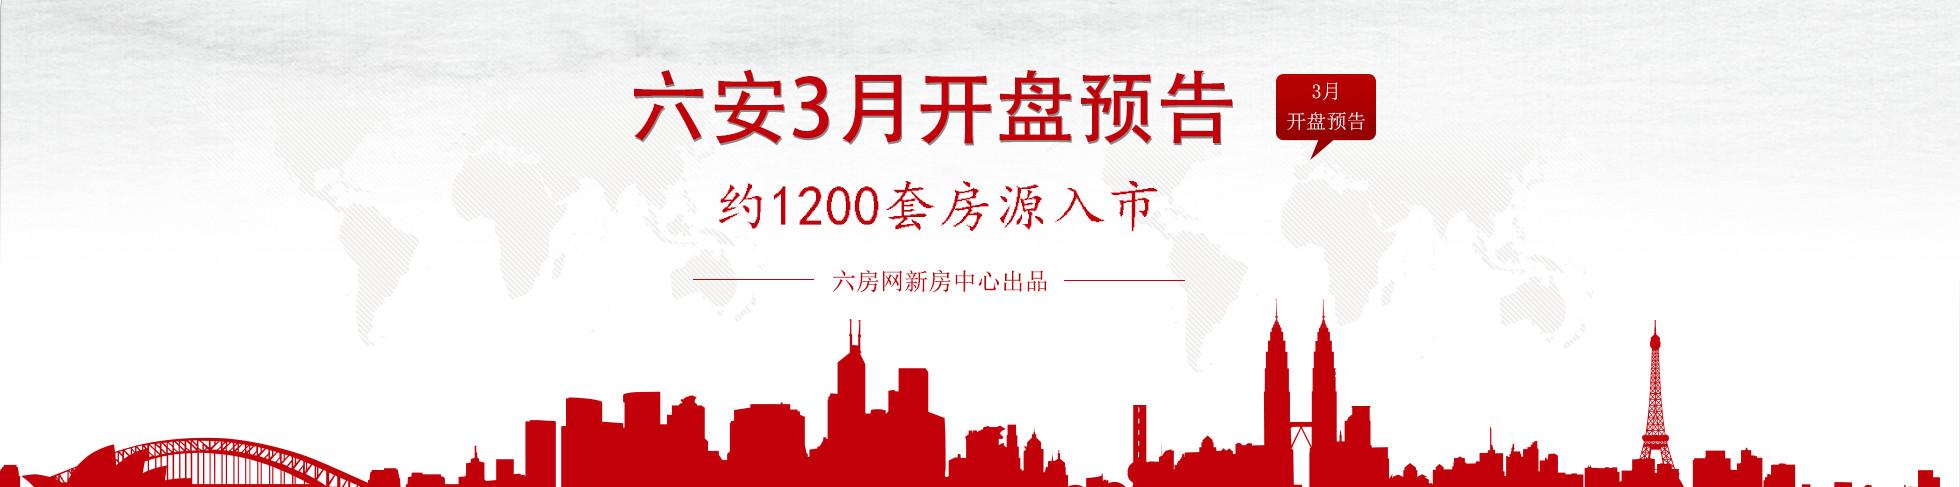 六安3月开盘预告 预计共推出1200套房源